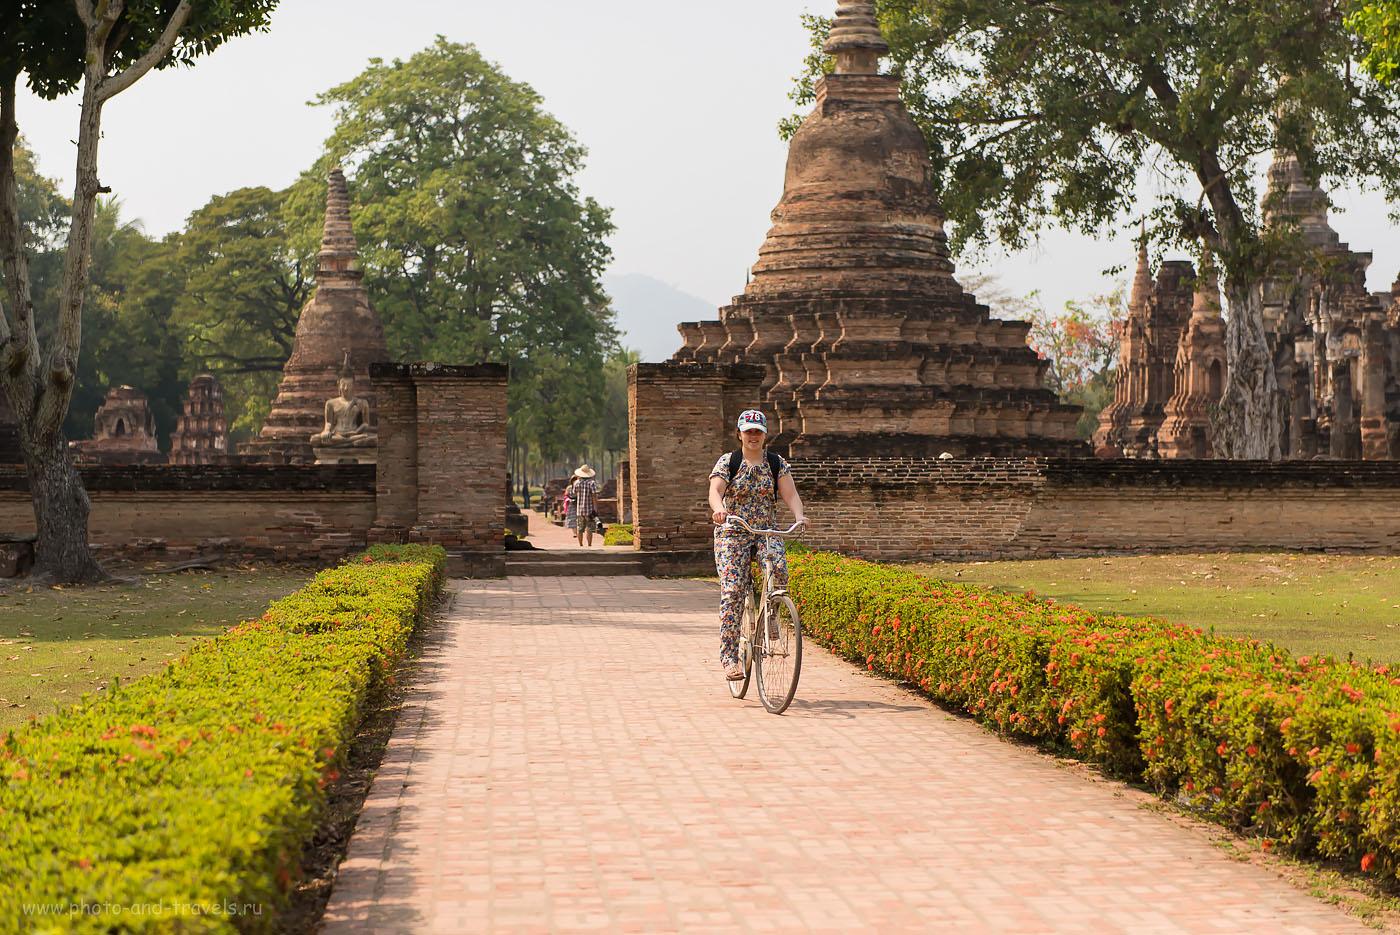 Фото 8. По историческому парку Сукхотай (The Sukhothai Historical Park ) мы катались на велосипедах. Отзыв о поездке в Таиланд самостоятельно.